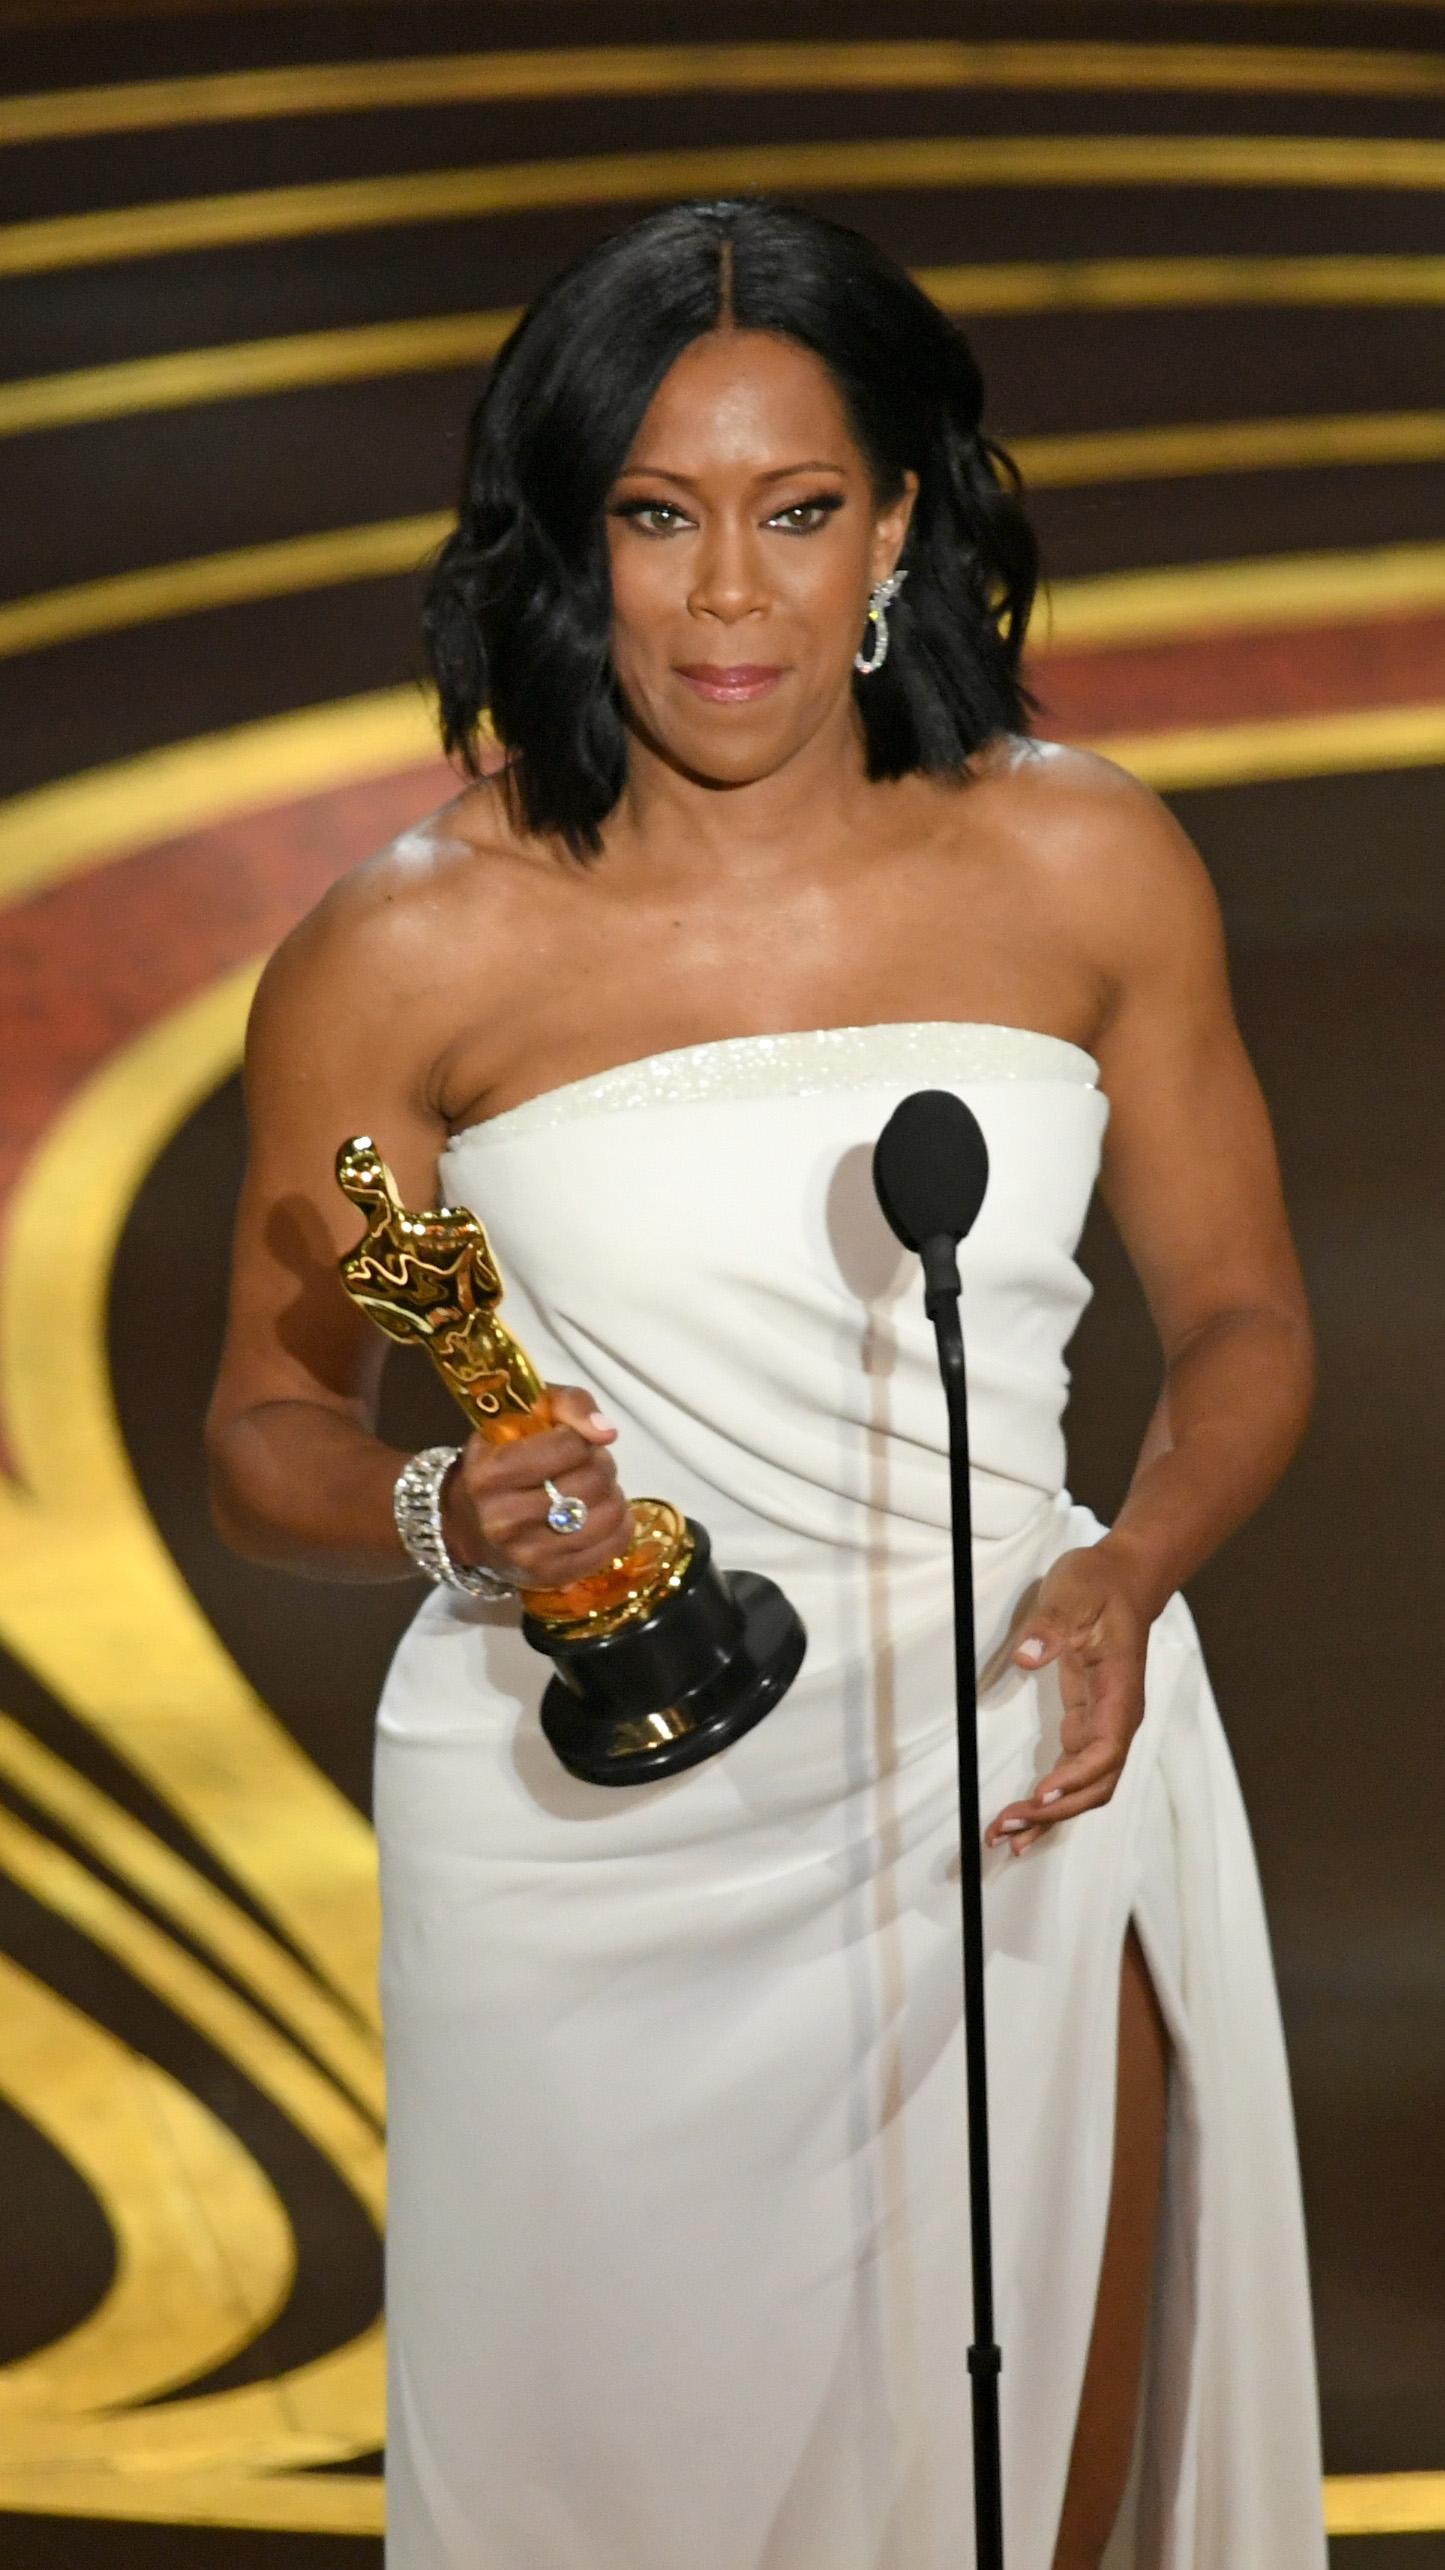 維珍娜京上台時激動地留下熱淚,她感謝著名黑人作家、電影小說原作James Baldwin,感謝坐在台下的媽媽,以及和她一起提名的女演員們。 (Kevin Winter/Getty Images)